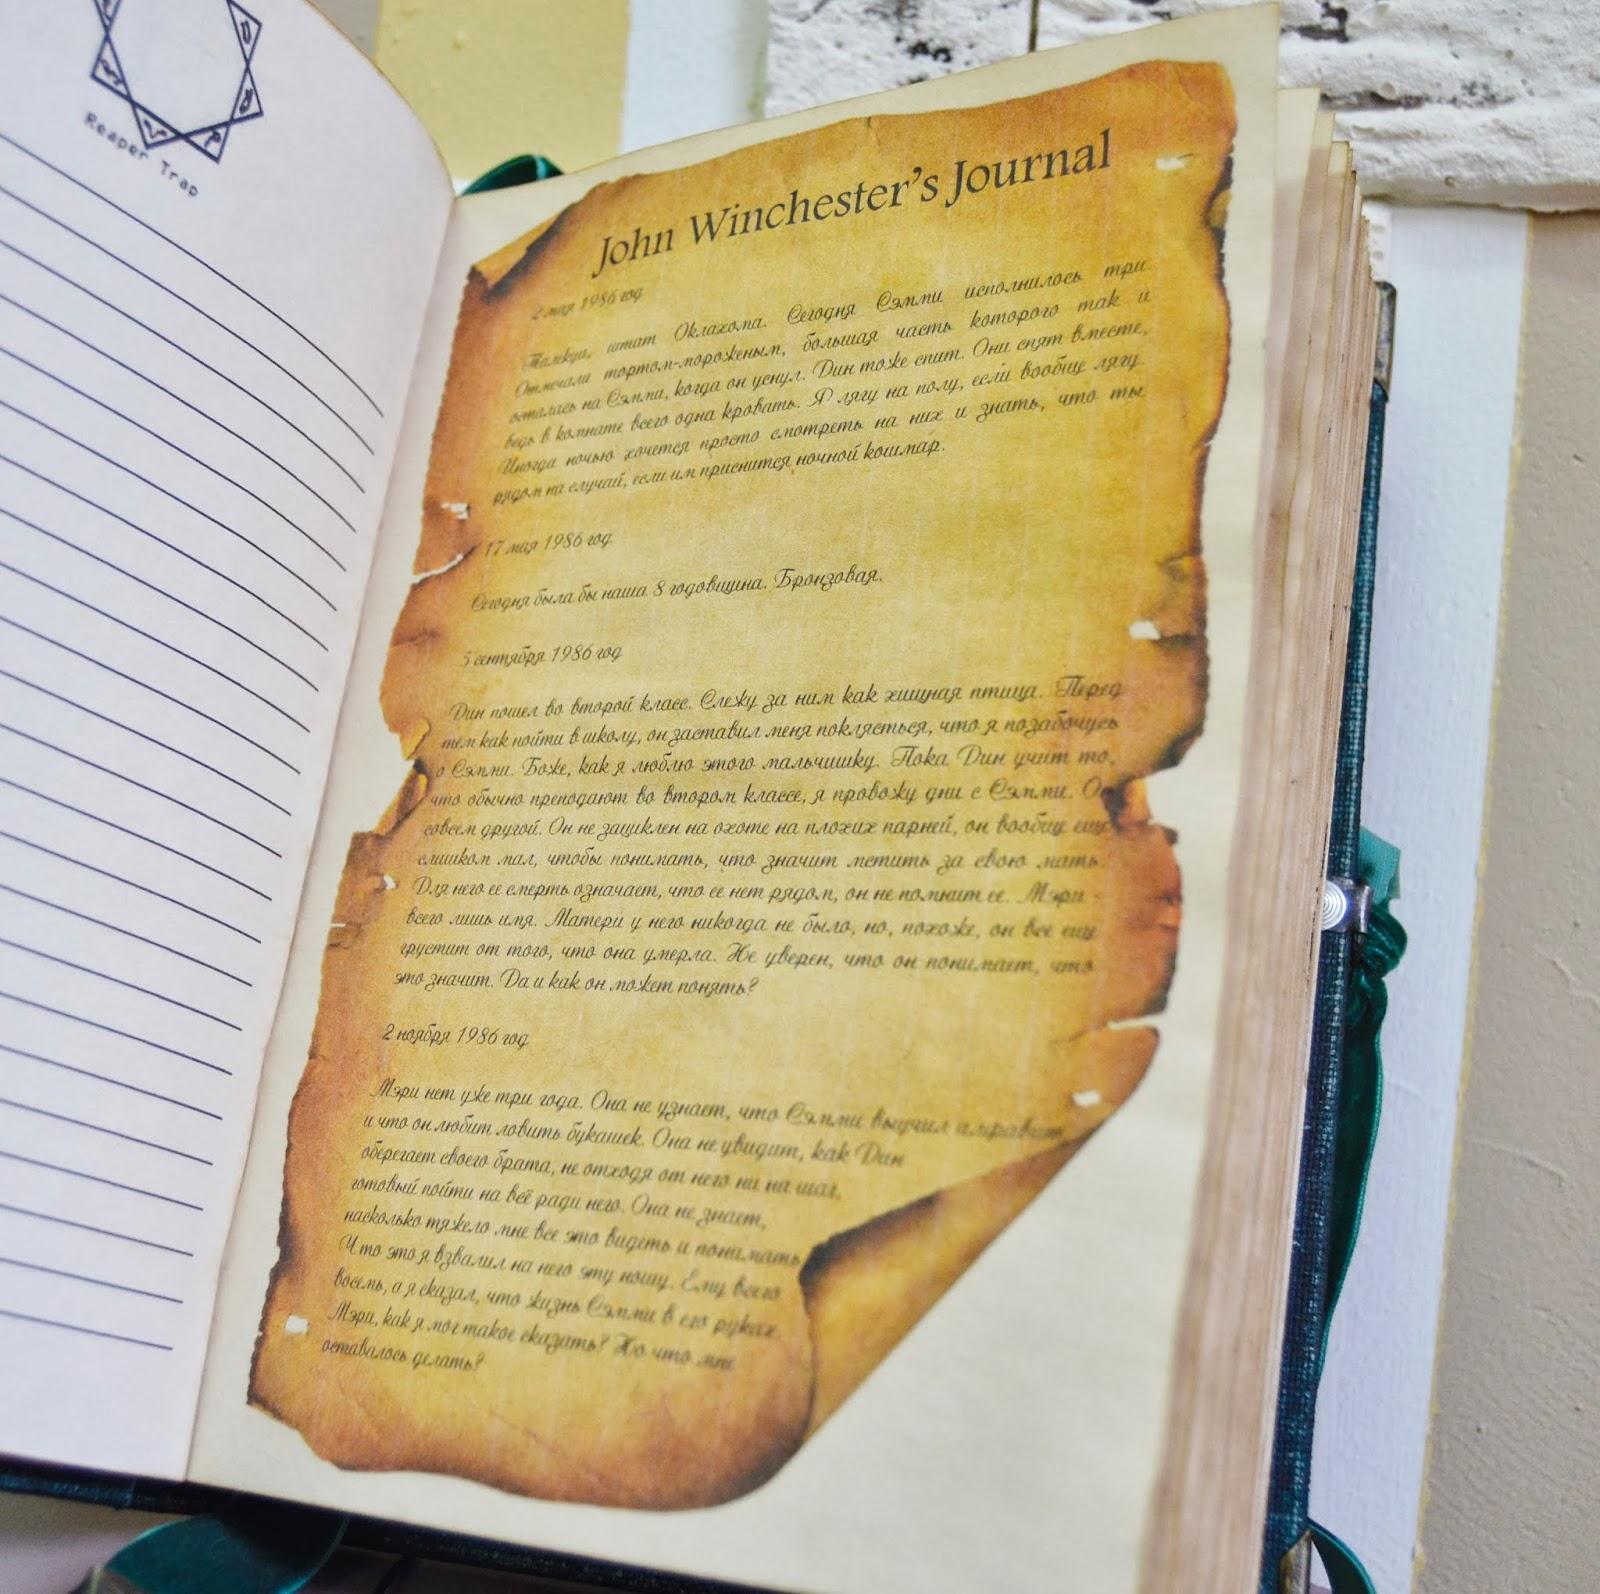 Дневник джона винчестера своими руками 23